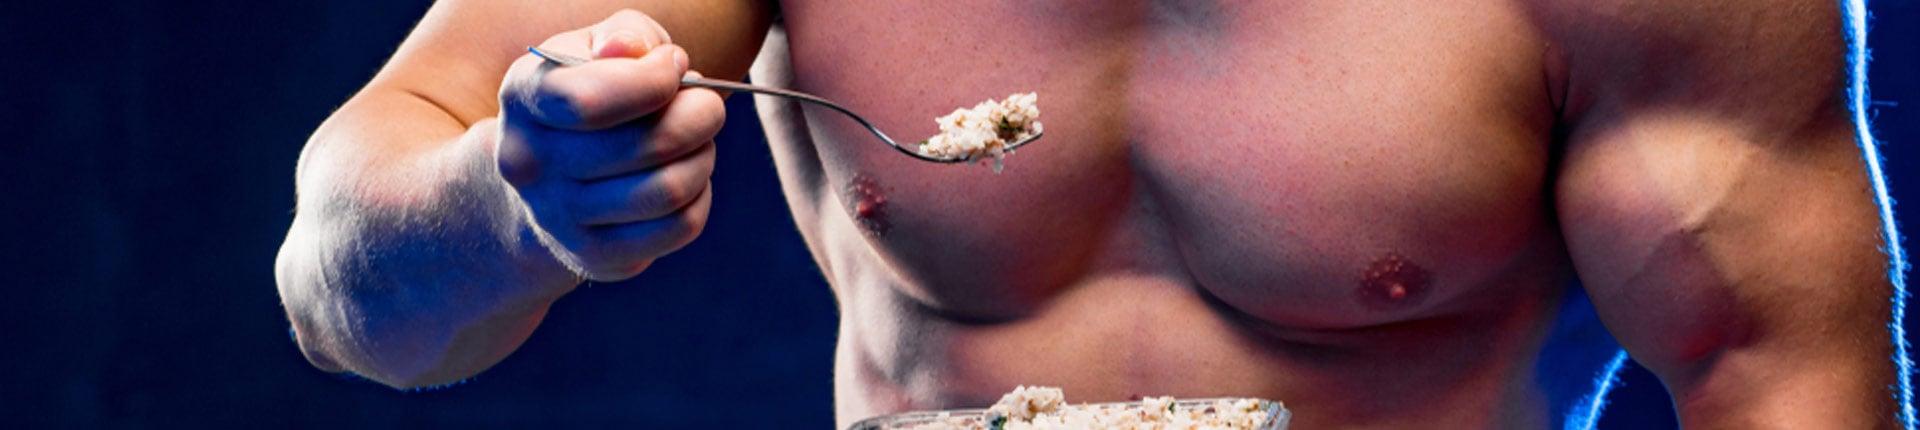 Węglowodany na masę? Czy są ważne dla wzrostu mięśni?